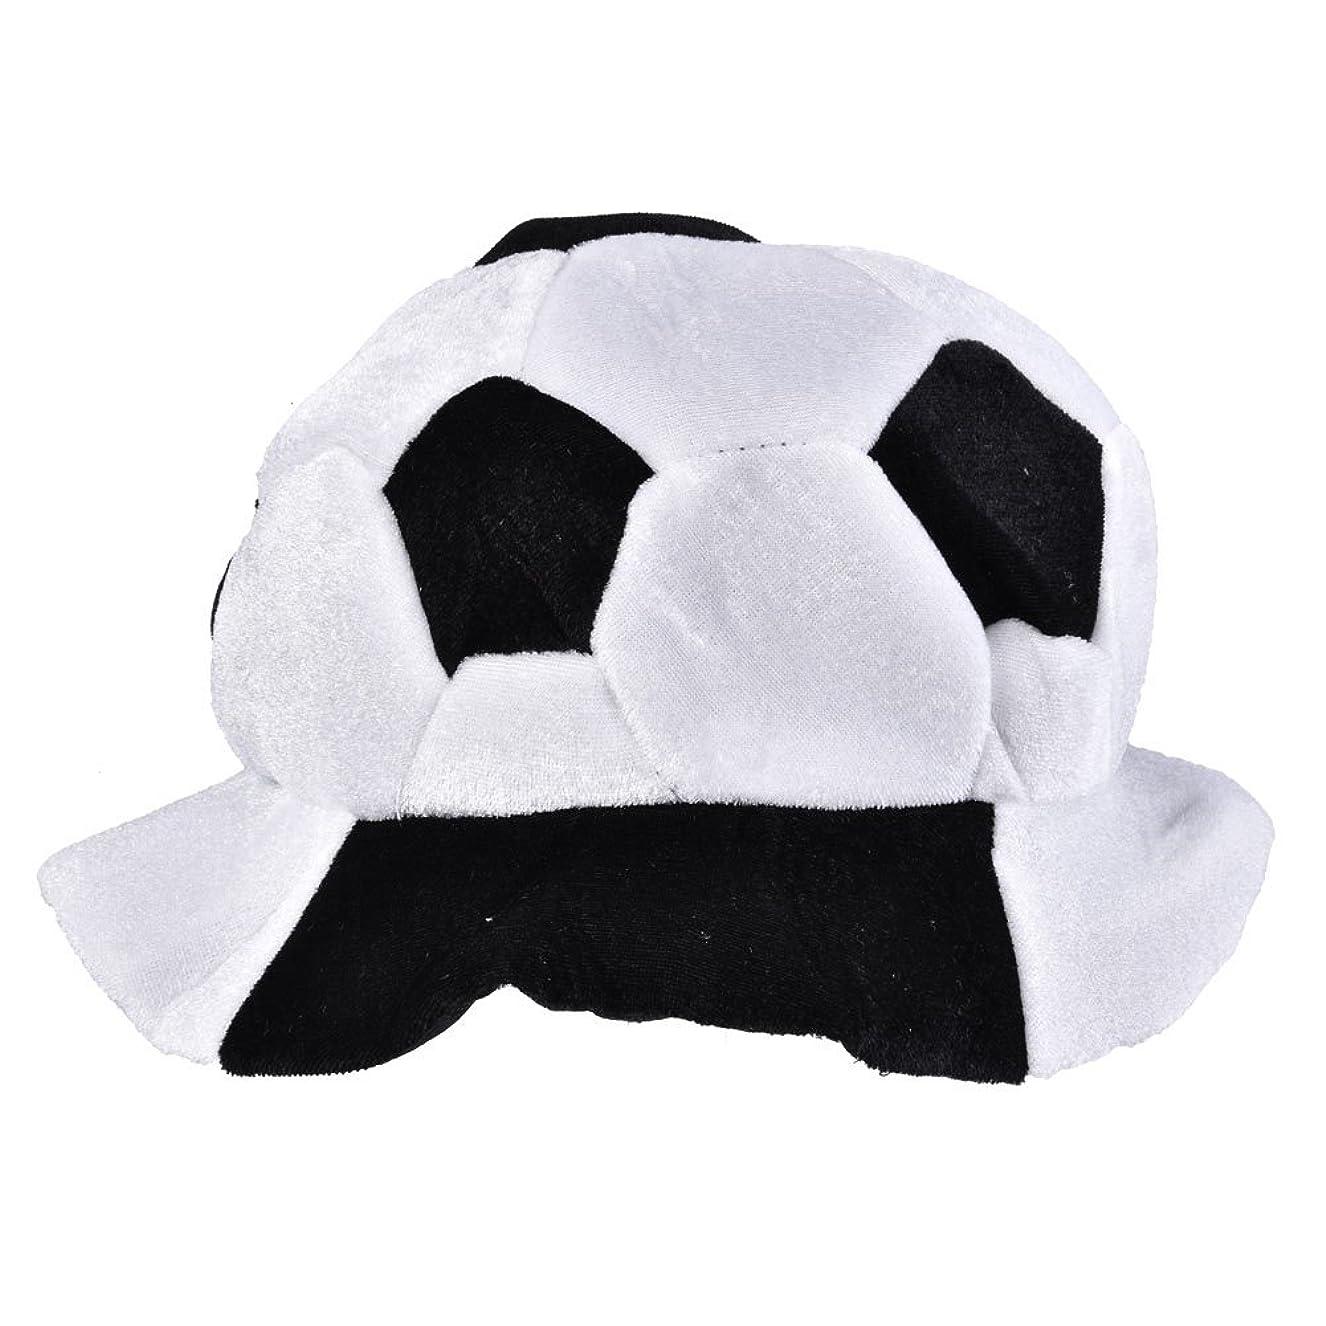 ジーンズ落胆させる主導権2018ワールドカップファンパーティー フットボールシェイプハットサッカーマッチ応援ツールアクセサリー,調整可能なサッカー サポーター ボール型ハット 応援道具